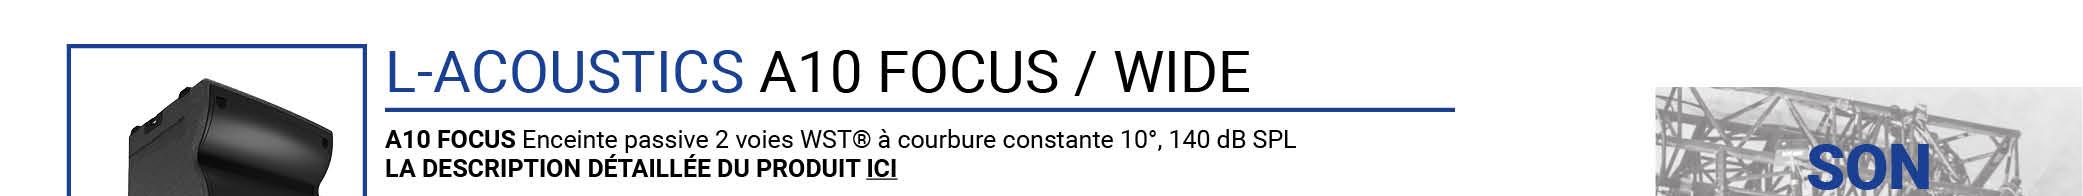 LACOUSTICS A10 Focus